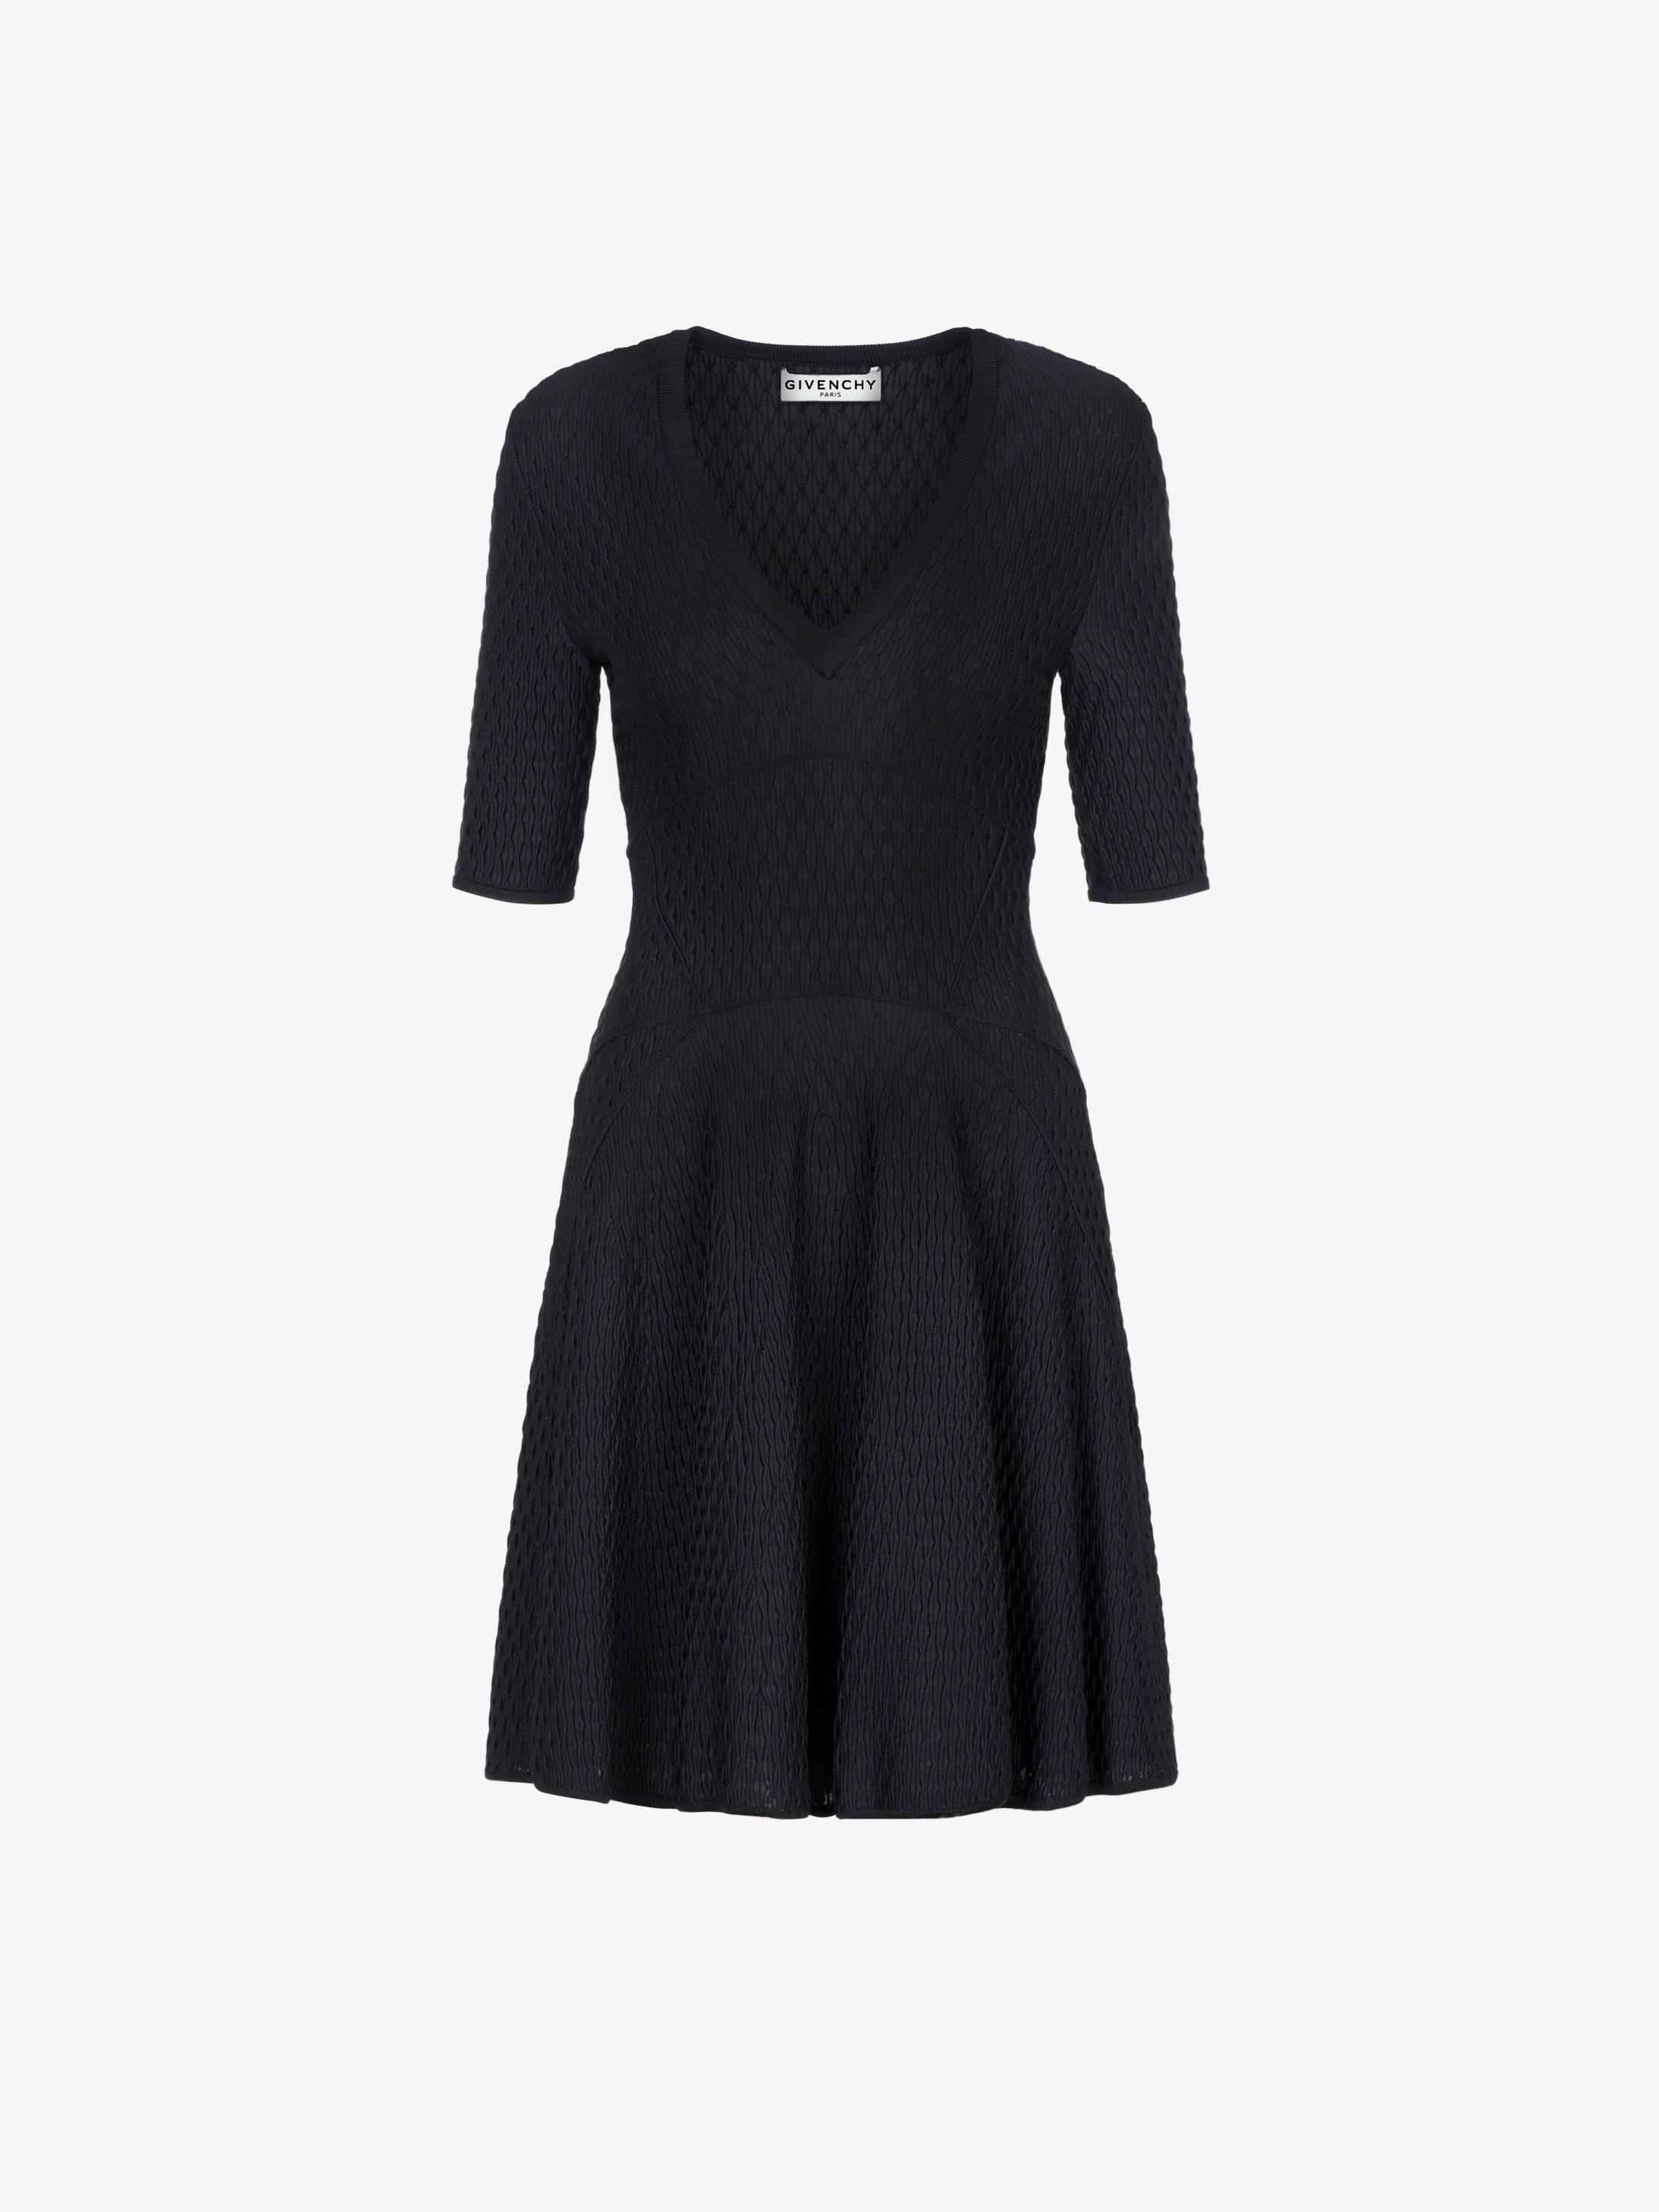 스목 효과 비스코스 쇼트 드레스